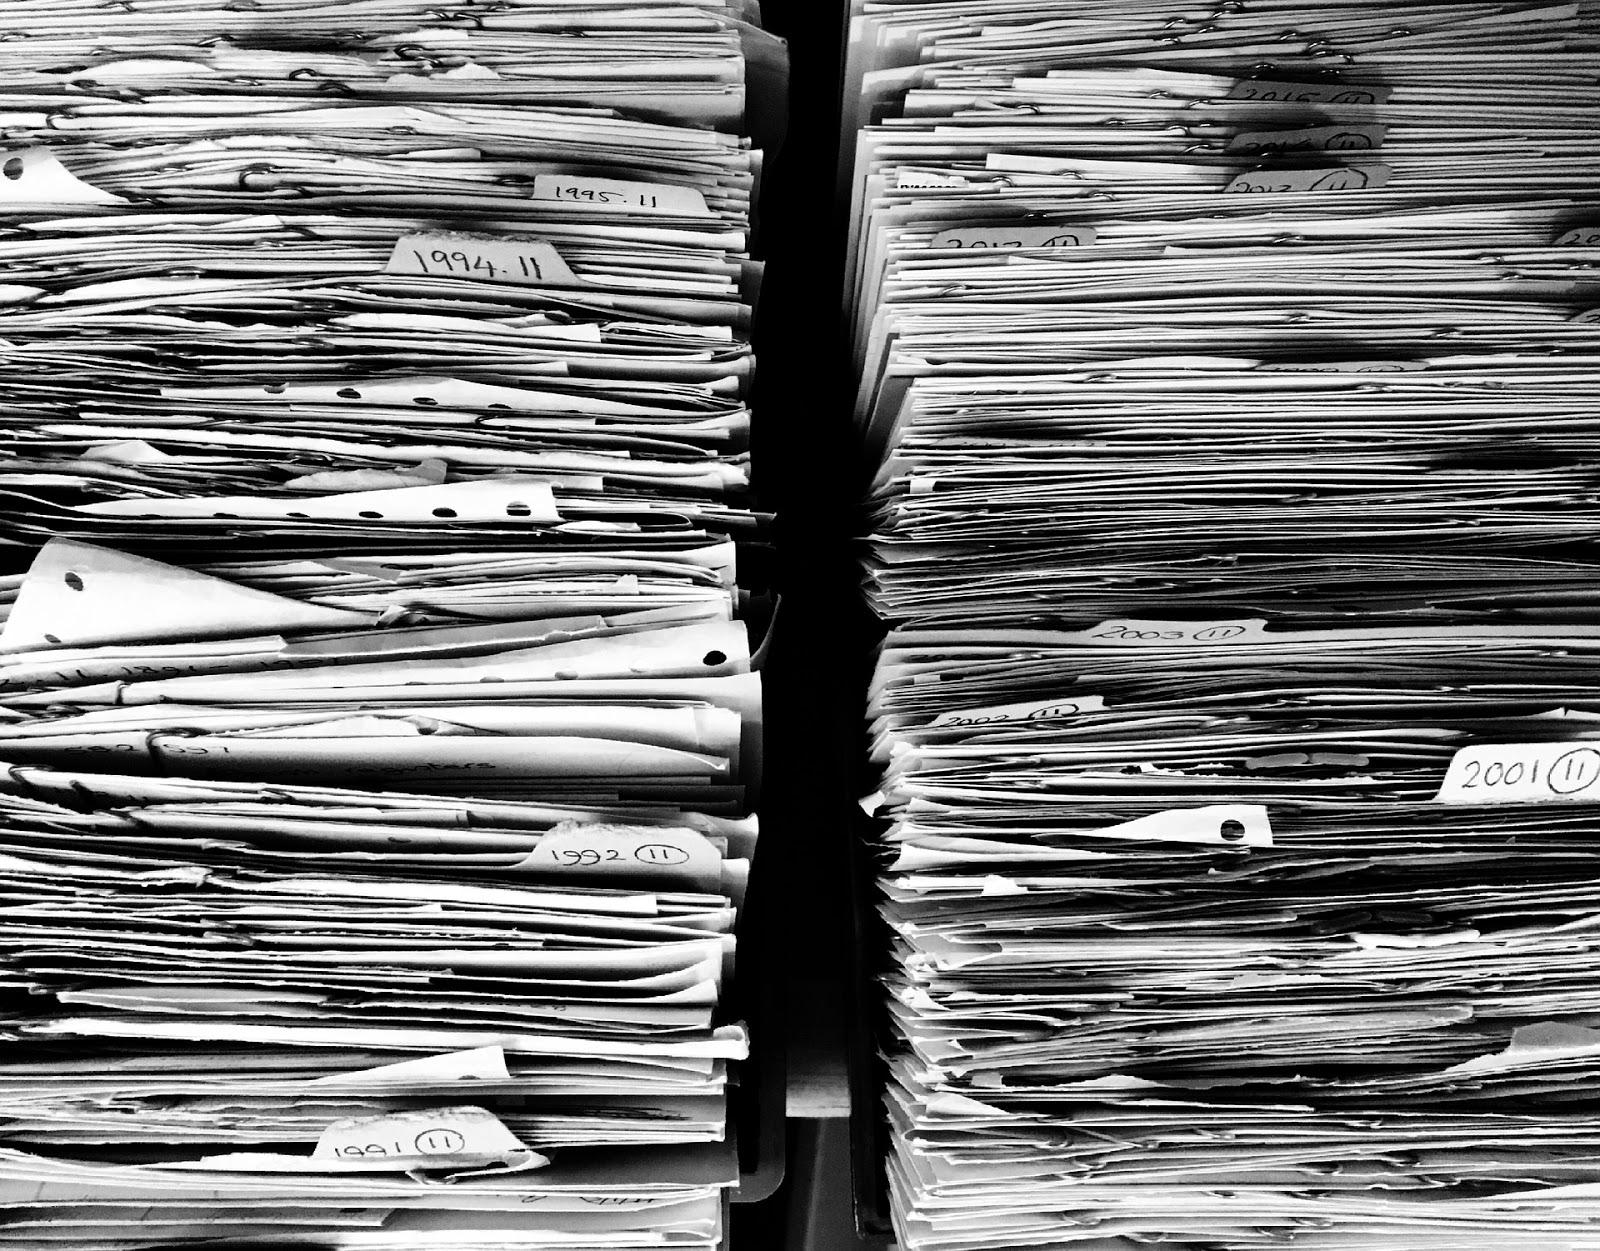 Abogamos por la modificación de la Ley de Secretos Oficiales para desclasificar con garantías documentos relativos a Sanfermines 1978